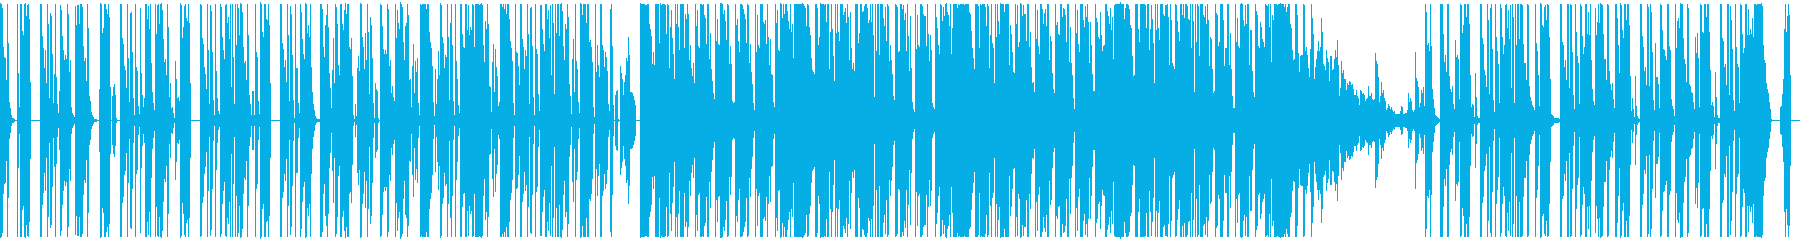 疾走感あふれるドラムとシンセの再生済みの波形